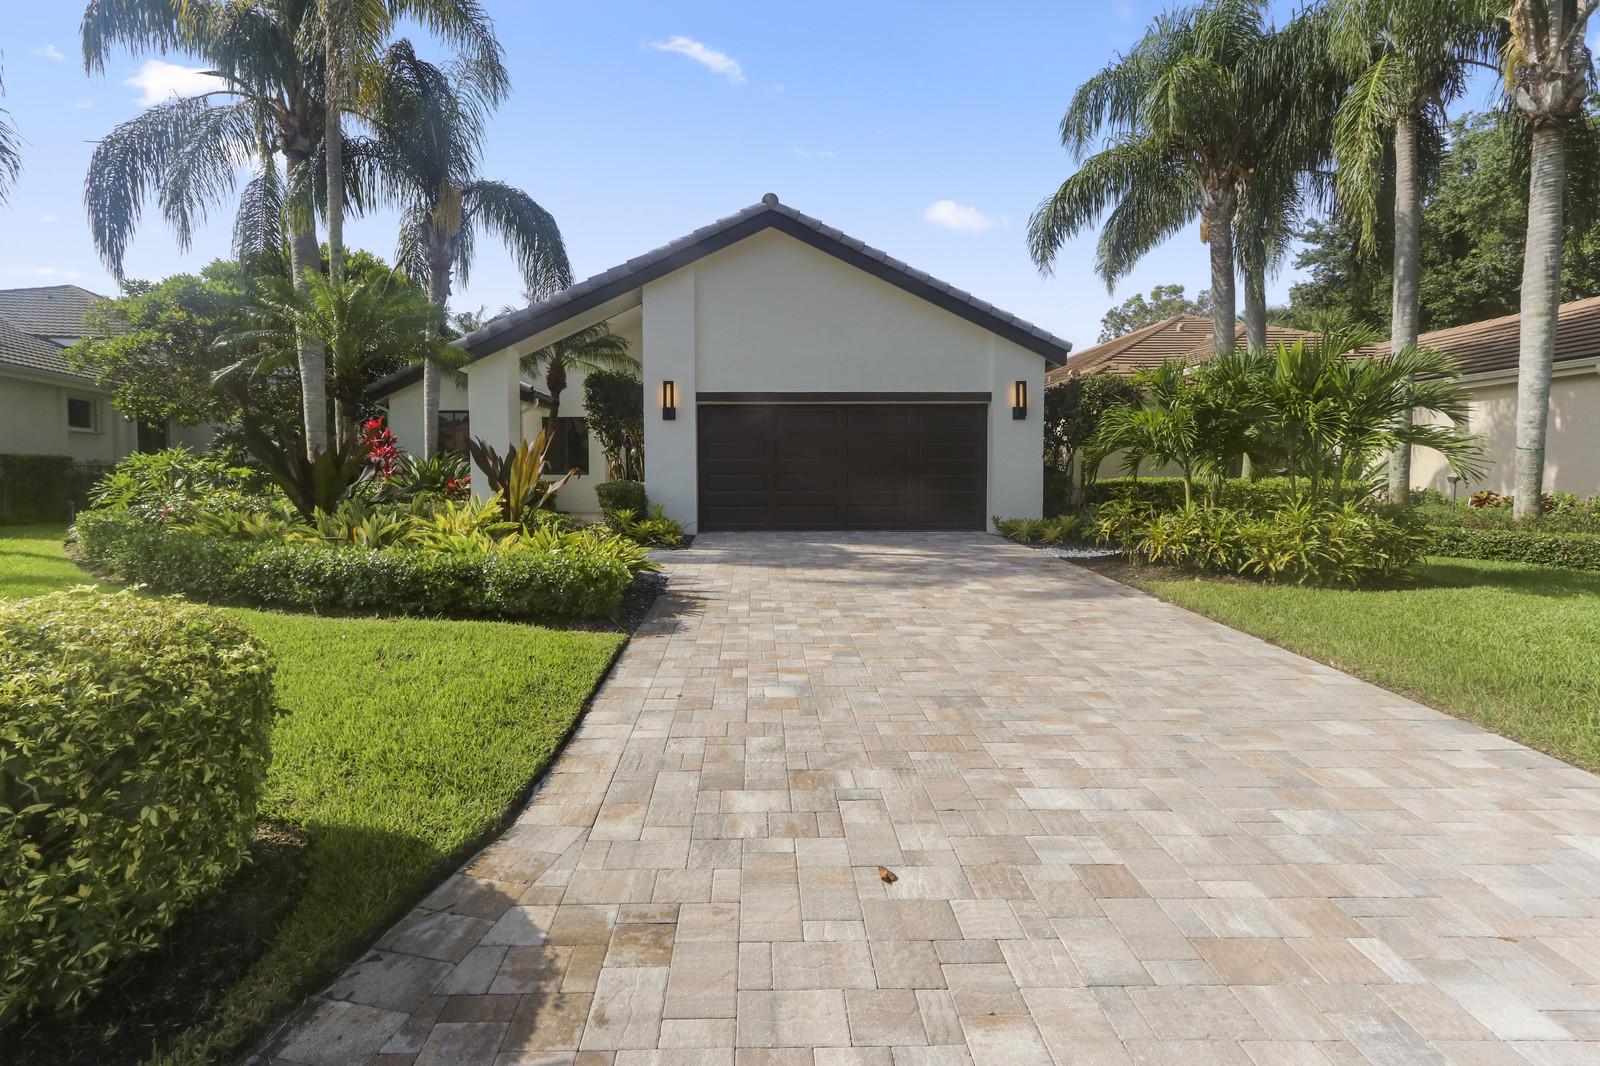 13220 Verdun Drive, Palm Beach Gardens, Florida 33410, 3 Bedrooms Bedrooms, ,4.1 BathroomsBathrooms,A,Single family,Verdun,RX-10541442